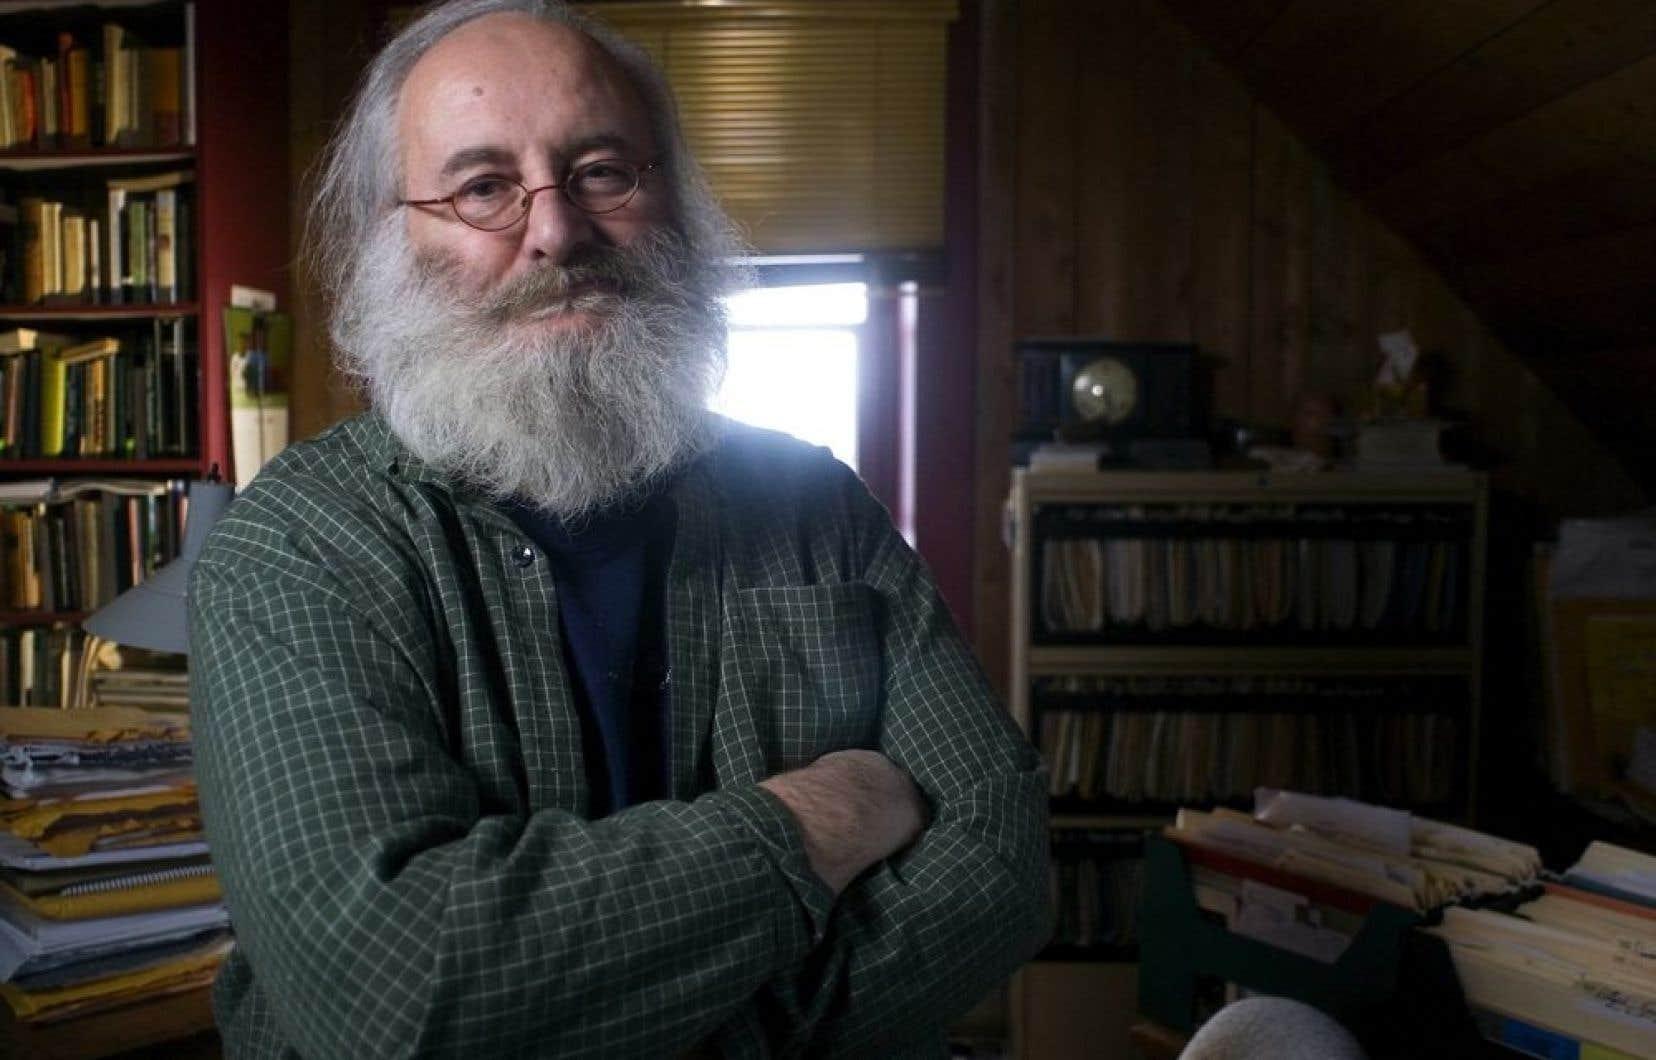 Victor-Lévy Beaulieu met aux enchères tous les manuscrits qu'il a écrits, de James Joyce, l'Irlande, le Québec et les mots à Désobéissez, ainsi que quelques collections de livres.